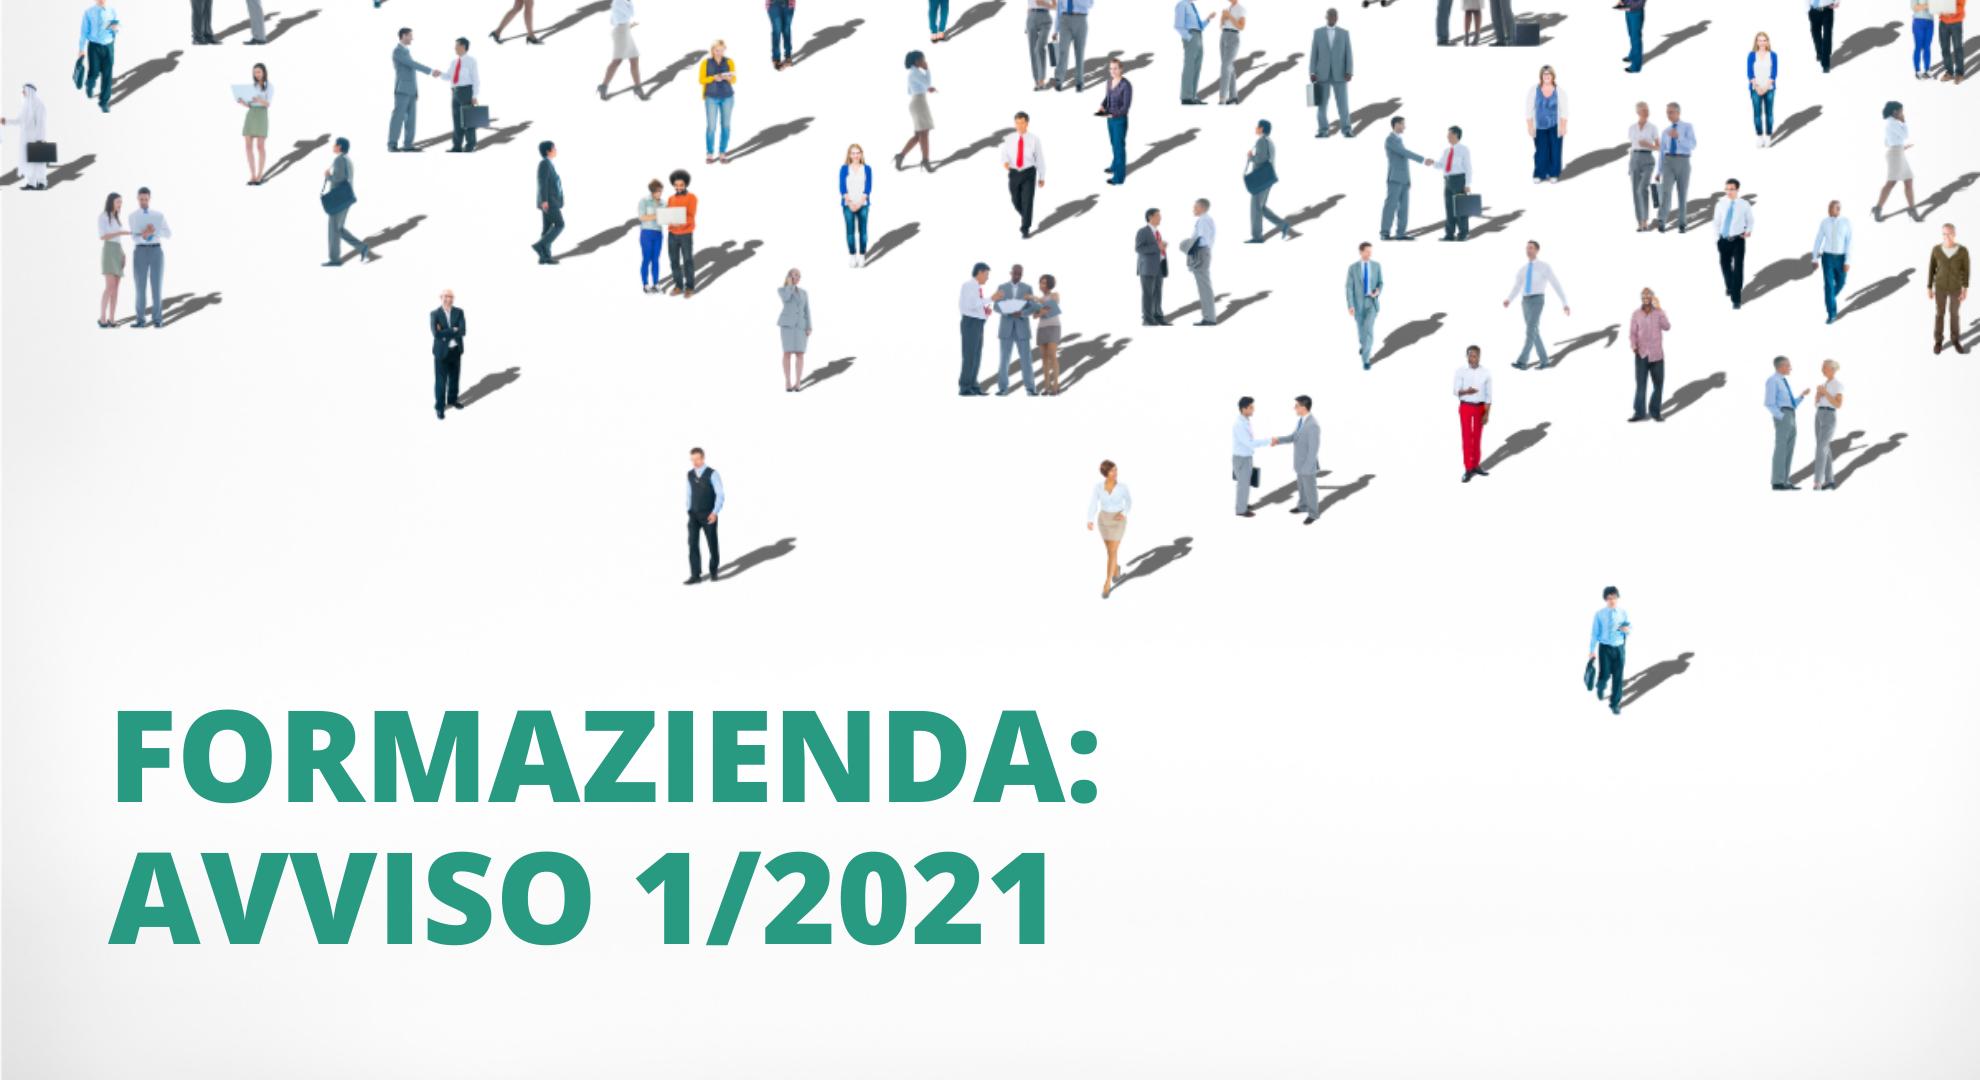 Formazienda - avviso 1/2021 - riqualificazione delle risorse umane